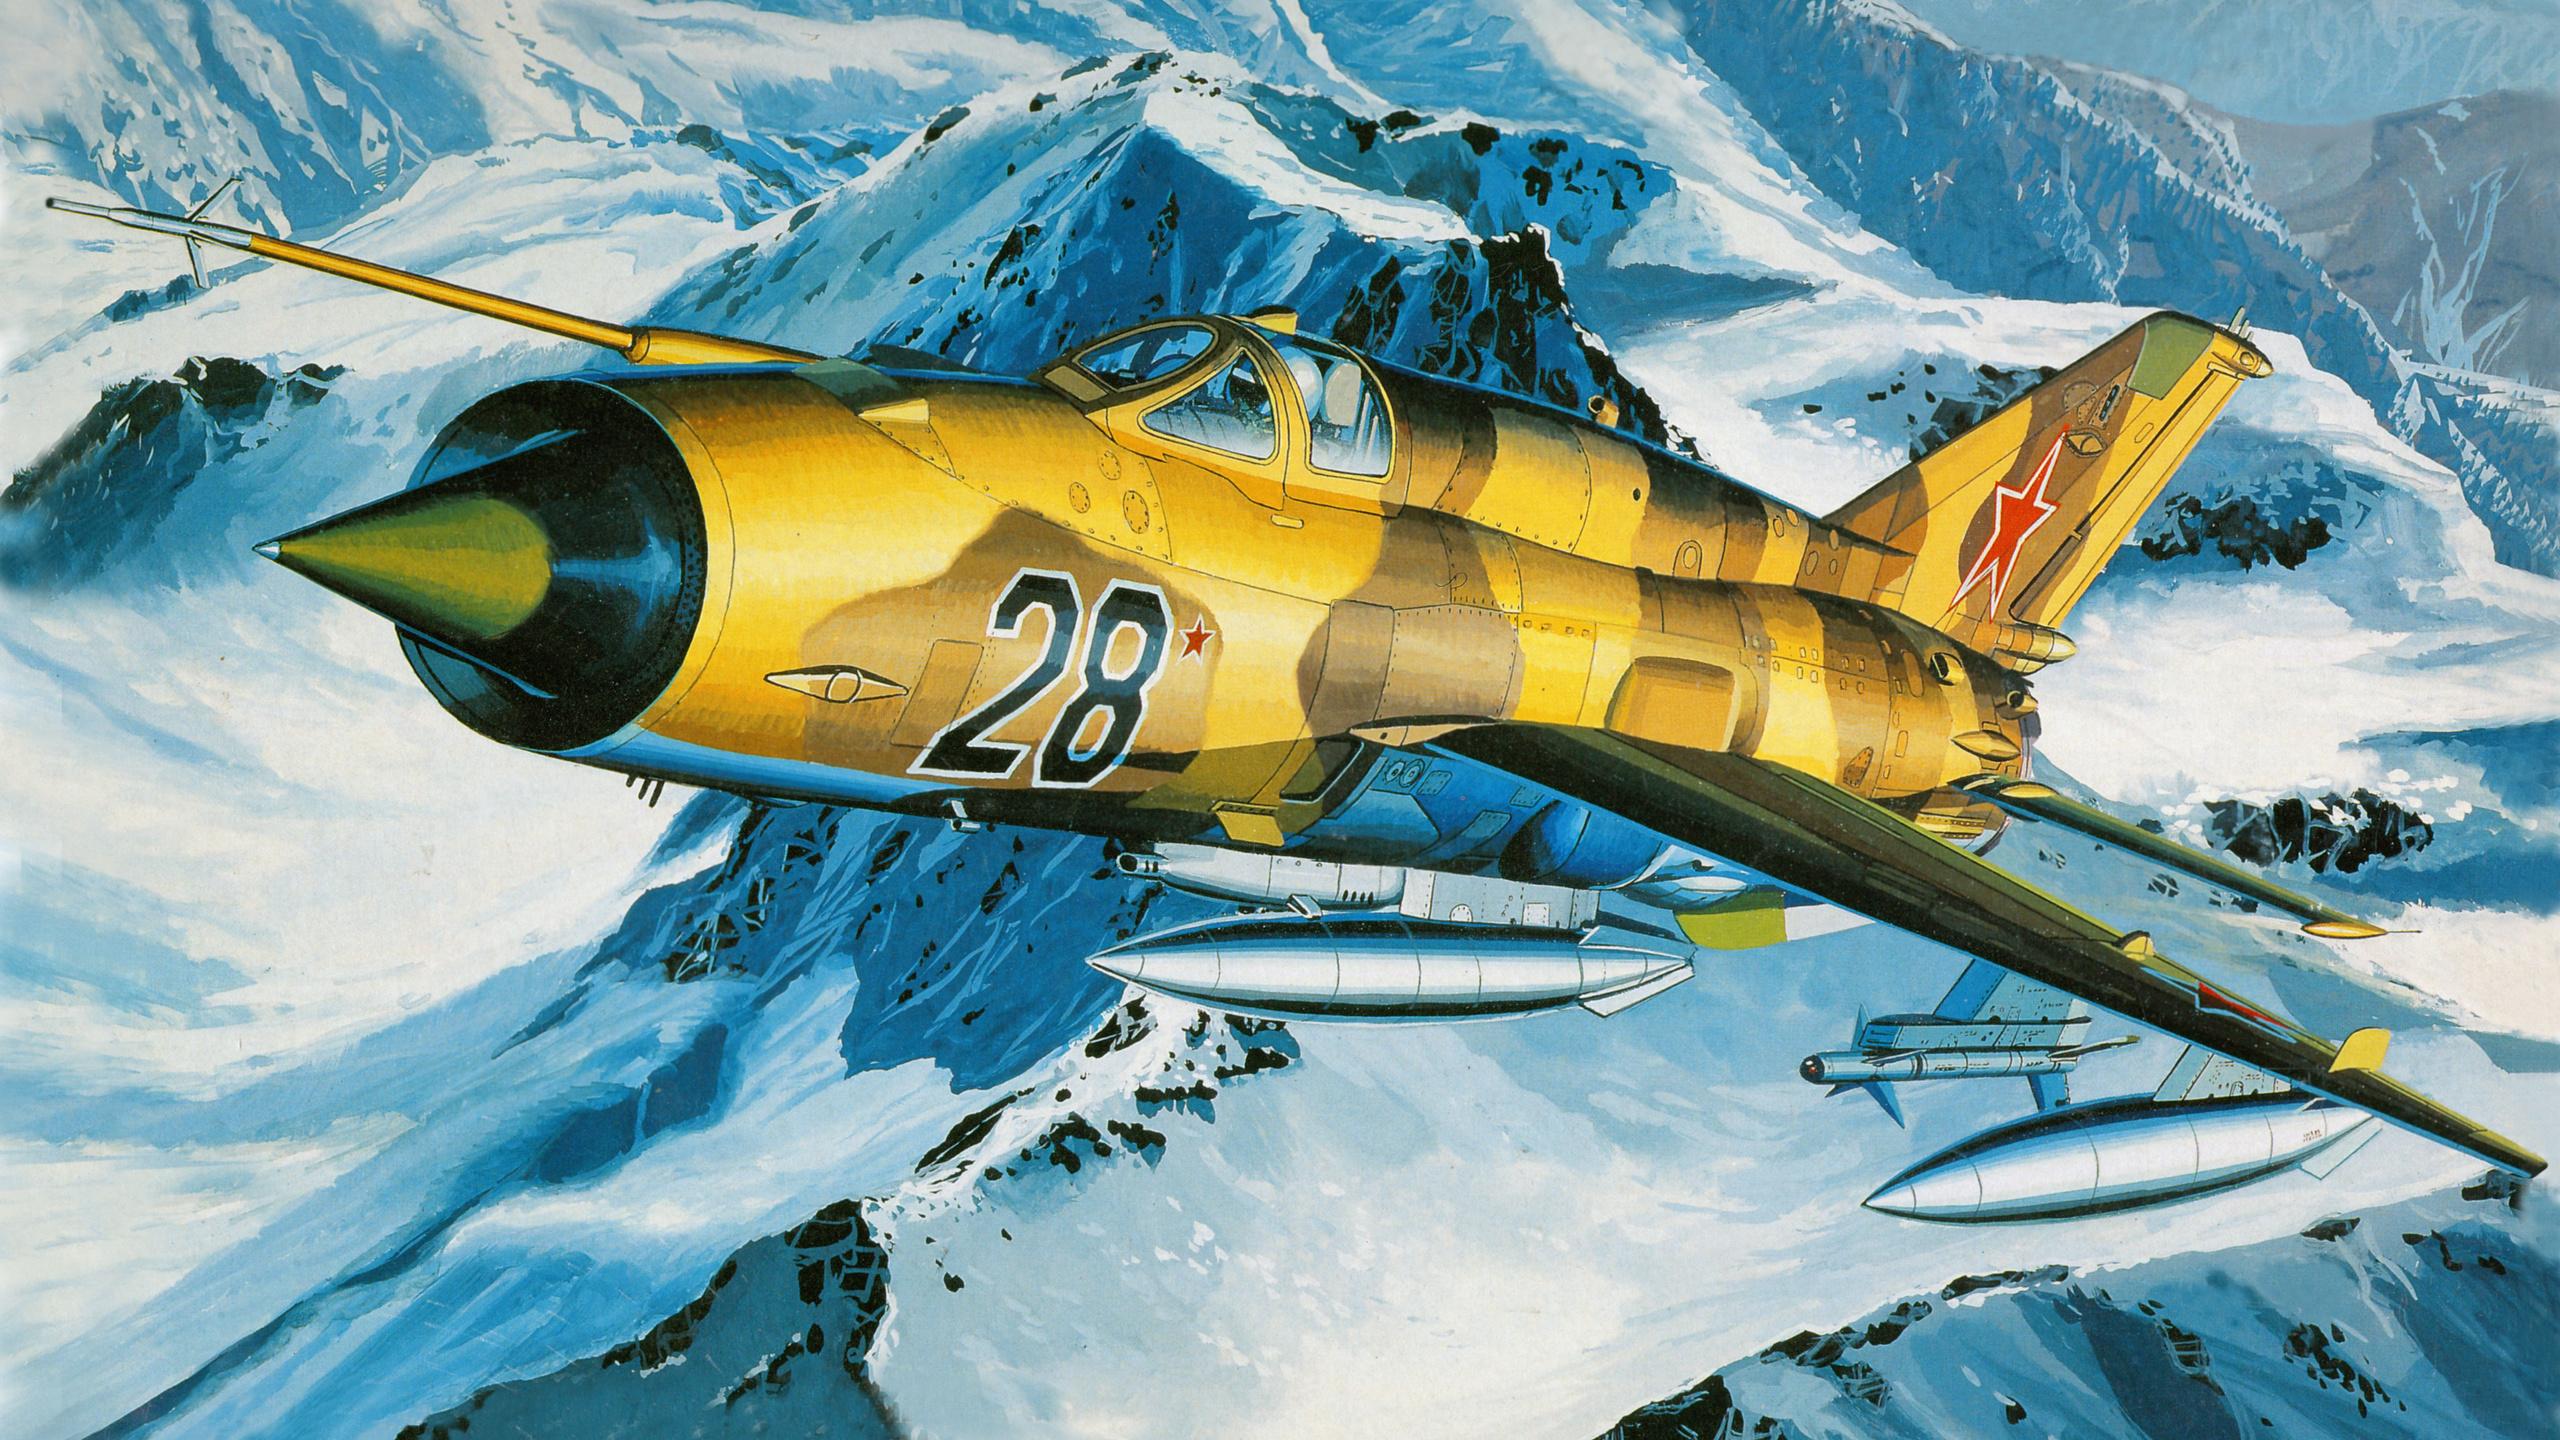 картинки с самолетами военными она была